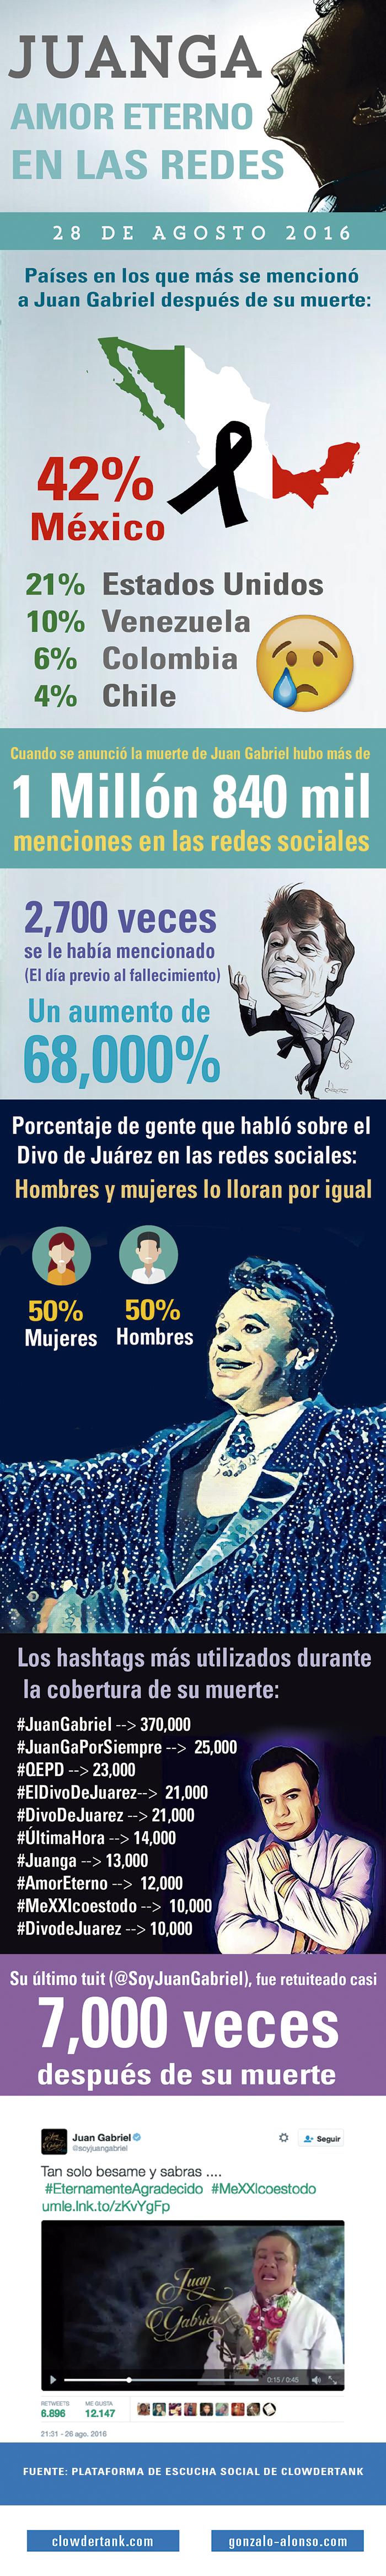 Infografía del dolor en las redes sociales por fallecimiento de Juan Gabriel